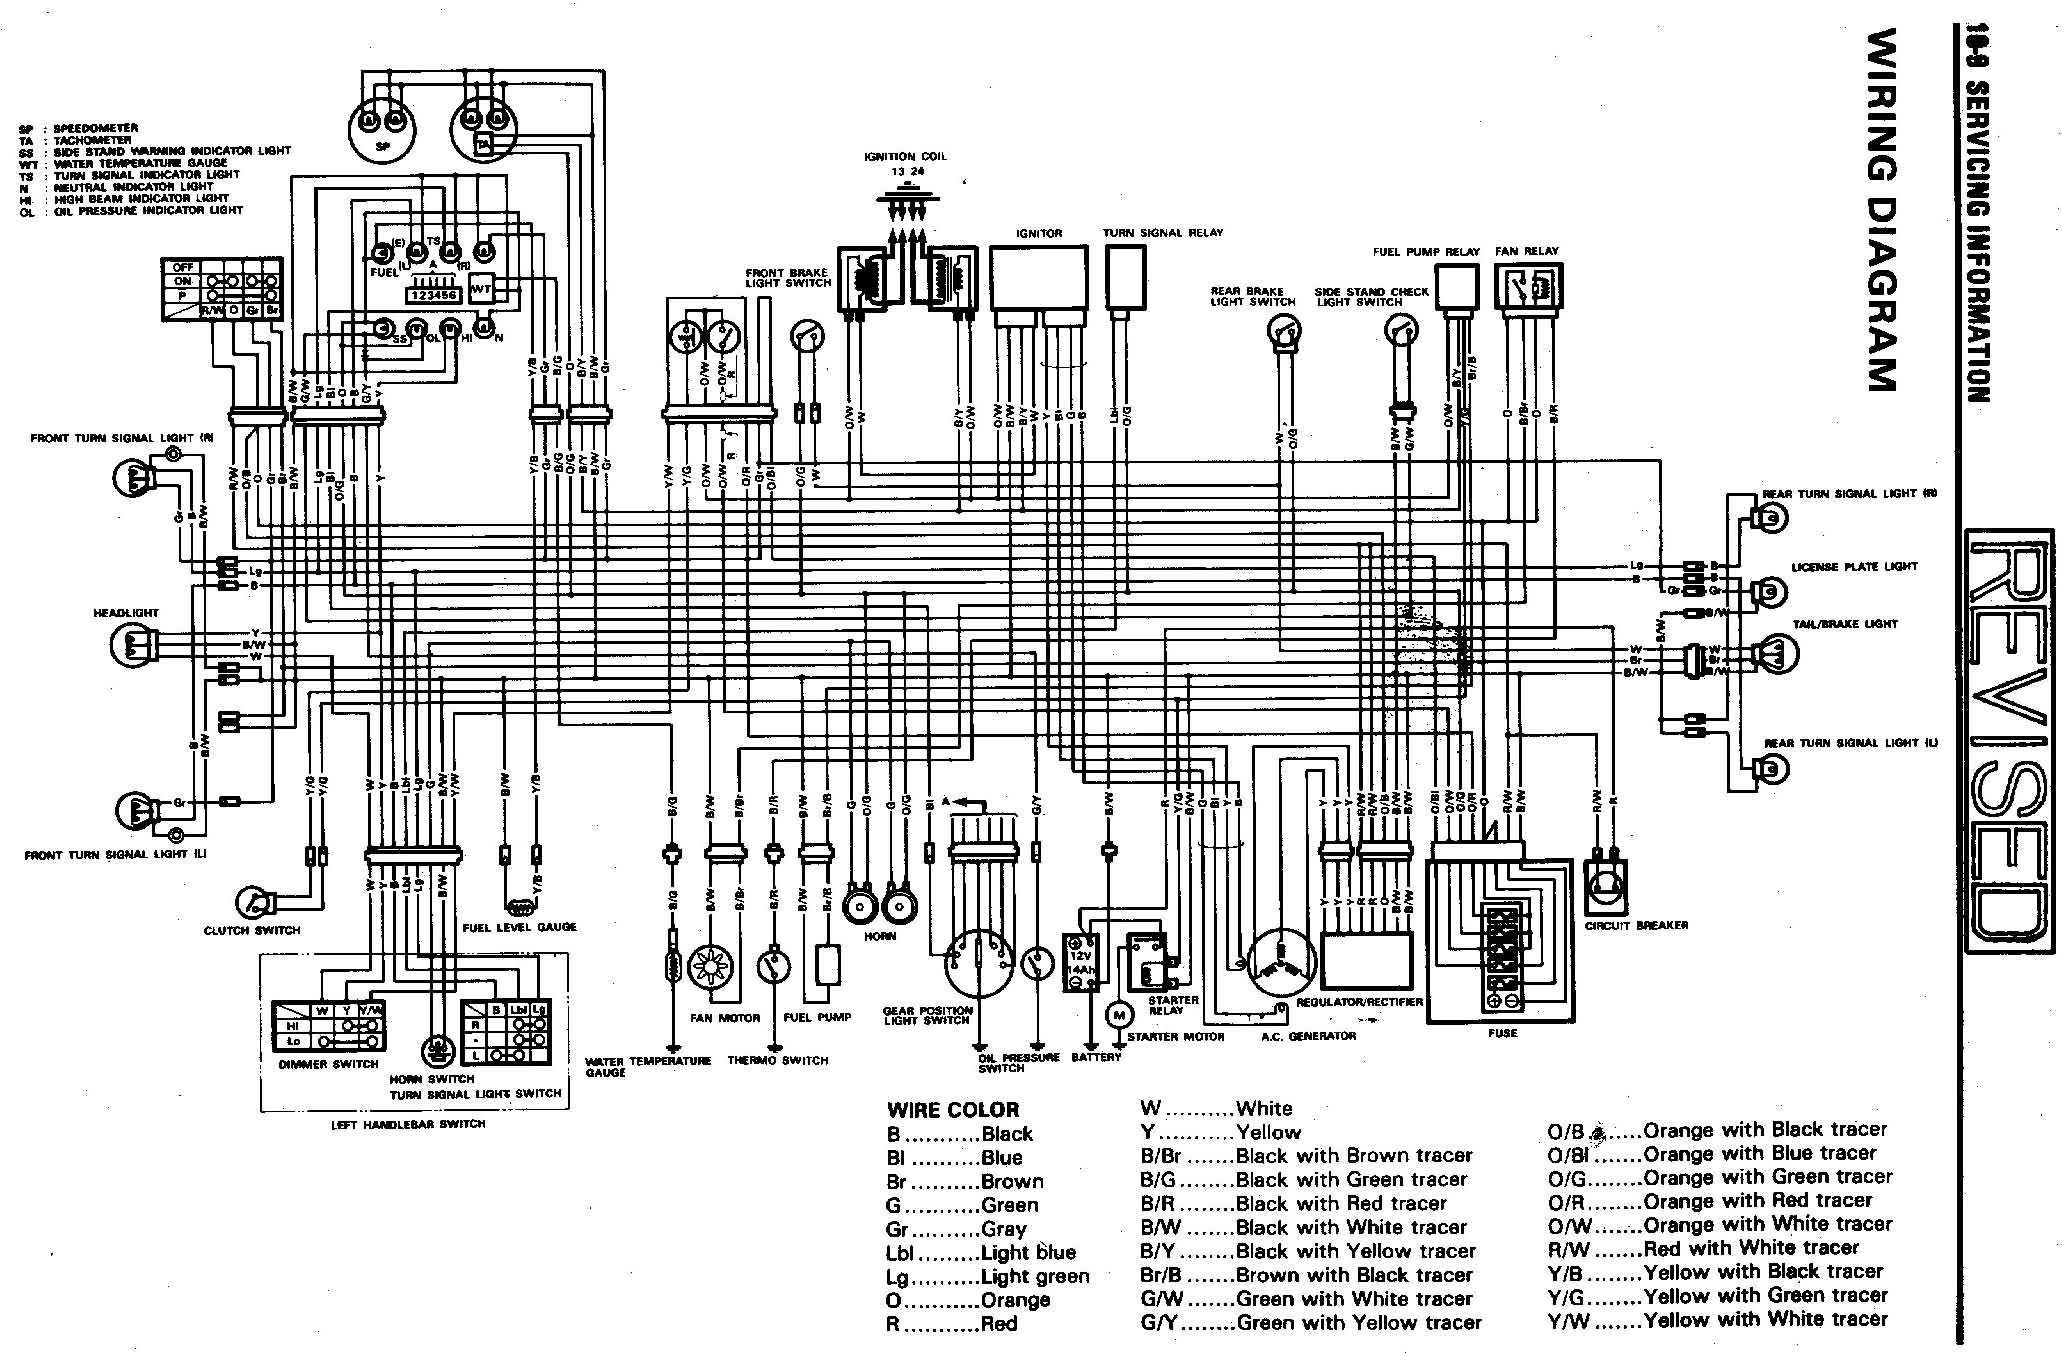 v700_wires